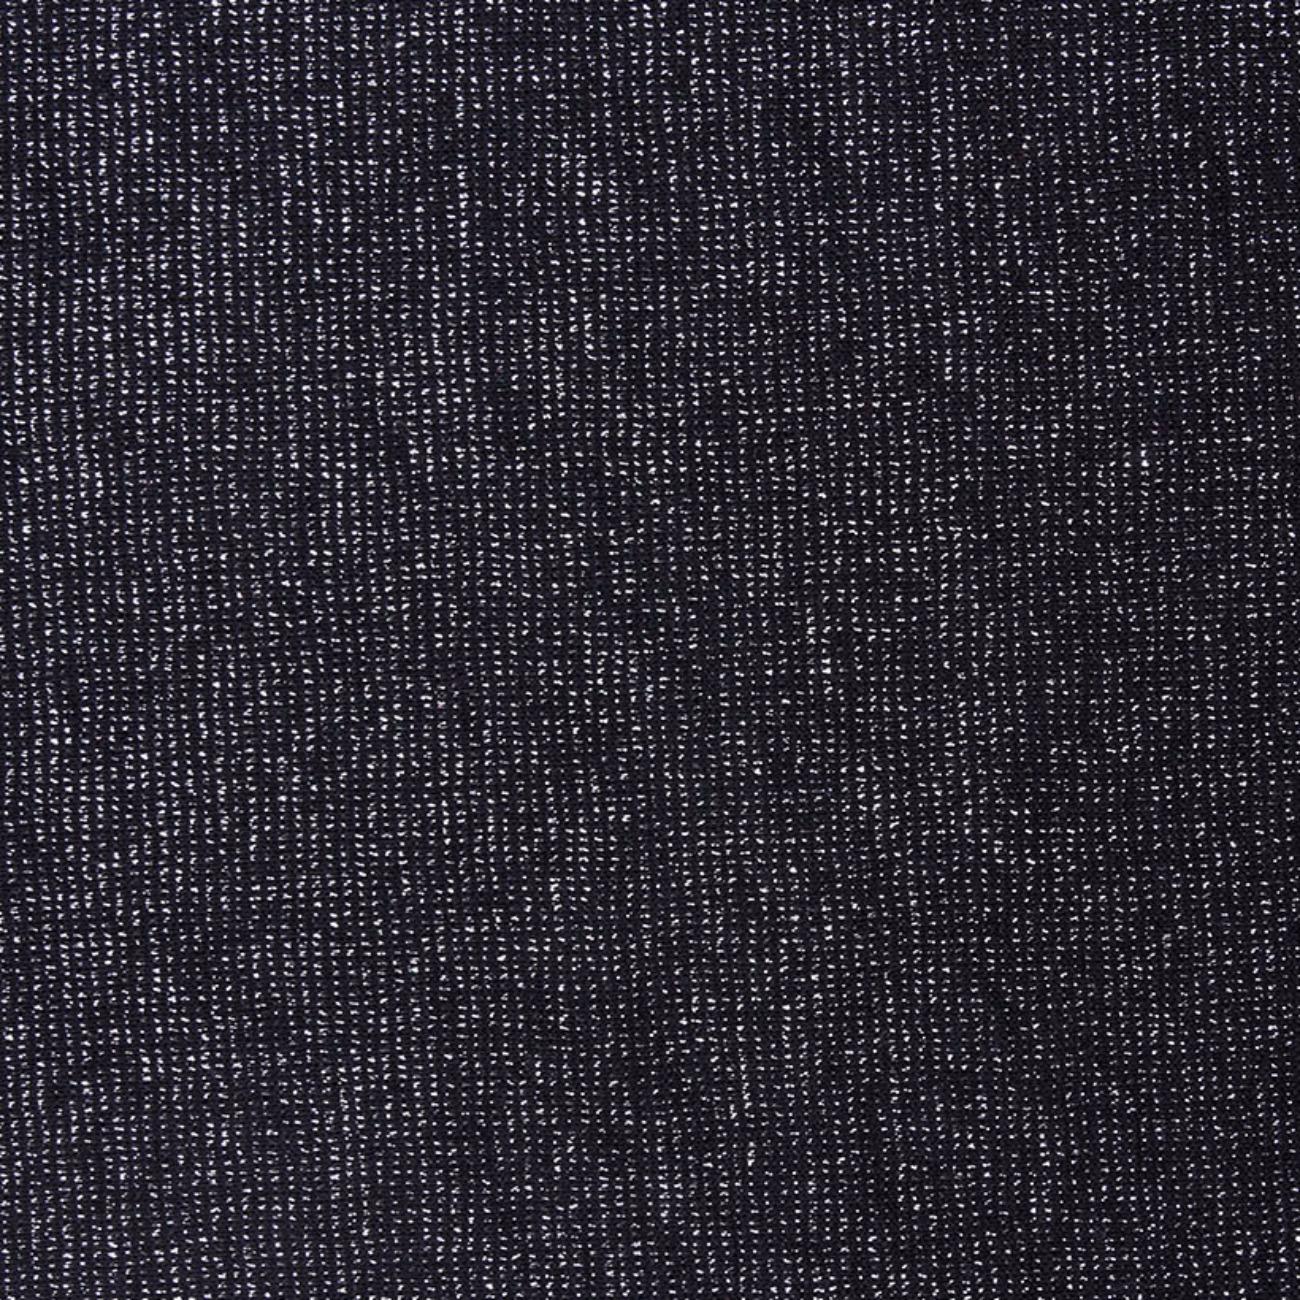 银葱 针织 高弹 四面弹 大衣 外套 裙装 柔软 女装 秋冬 羊毛 羊毛 71019-18